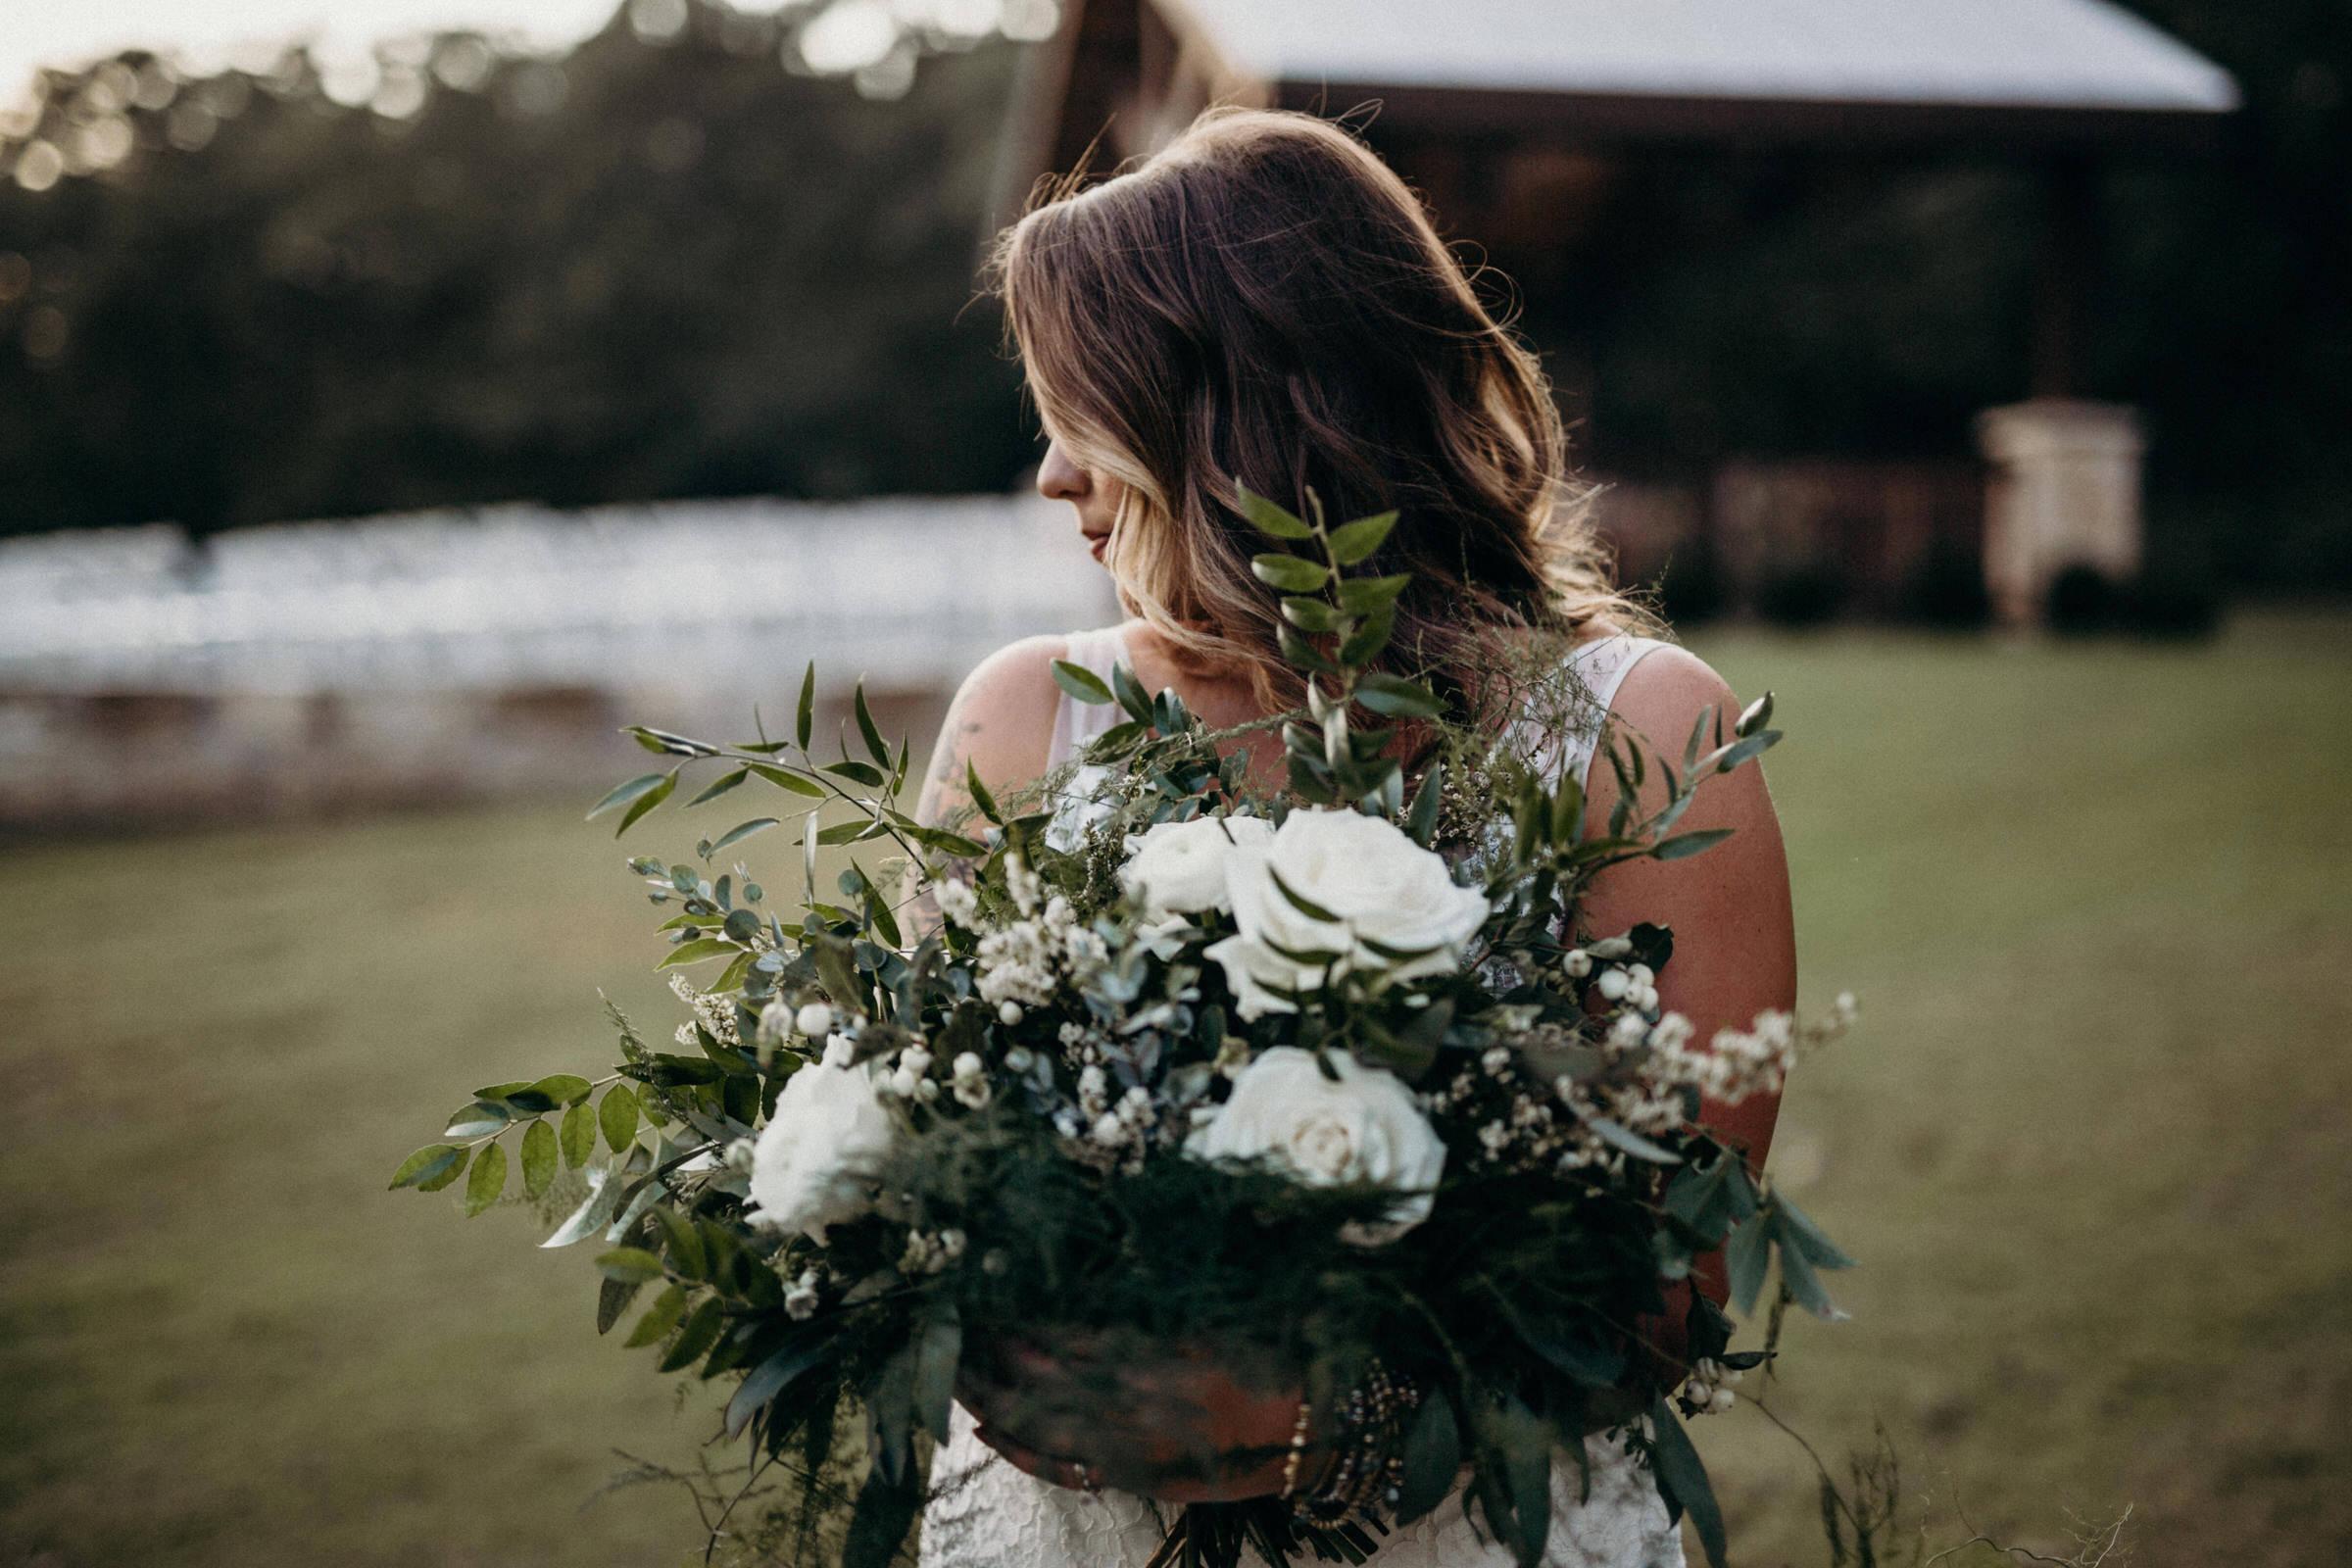 dietzen_aubrey-texas-the-springs-wedding_037-1.jpg